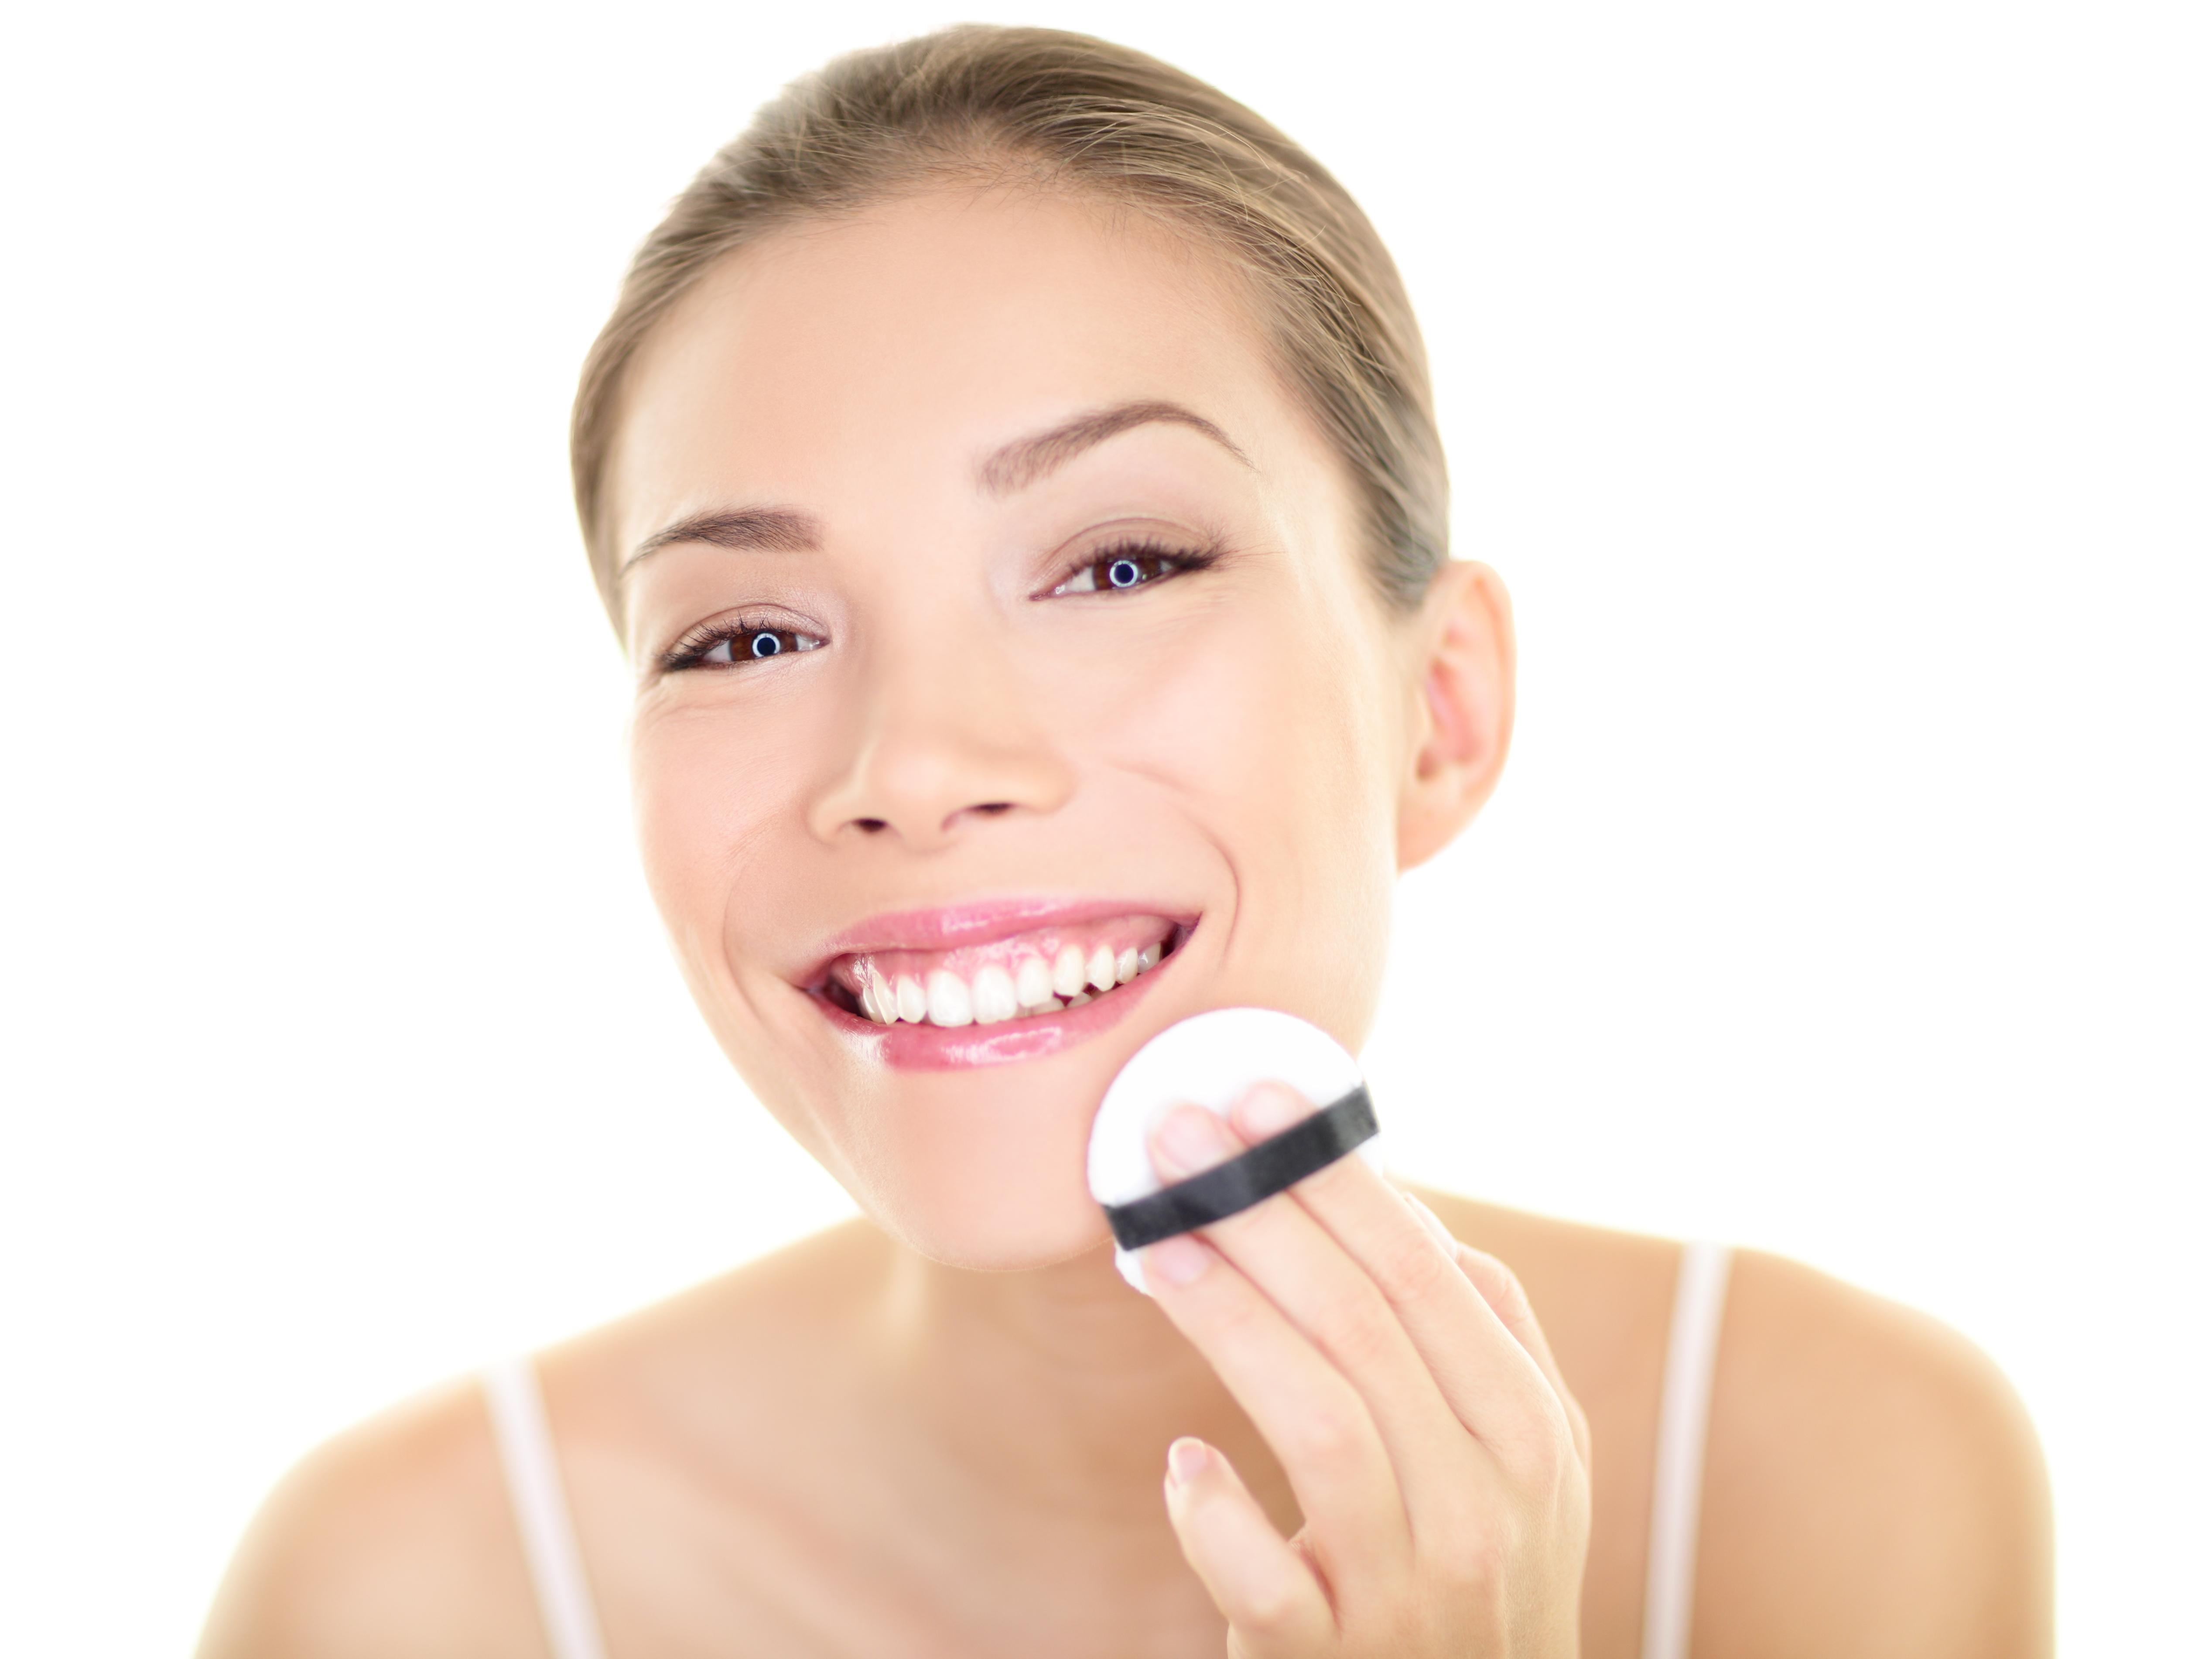 Zien: Het make-up sponsje dat jouw beauty routine voor altijd zal veranderen!